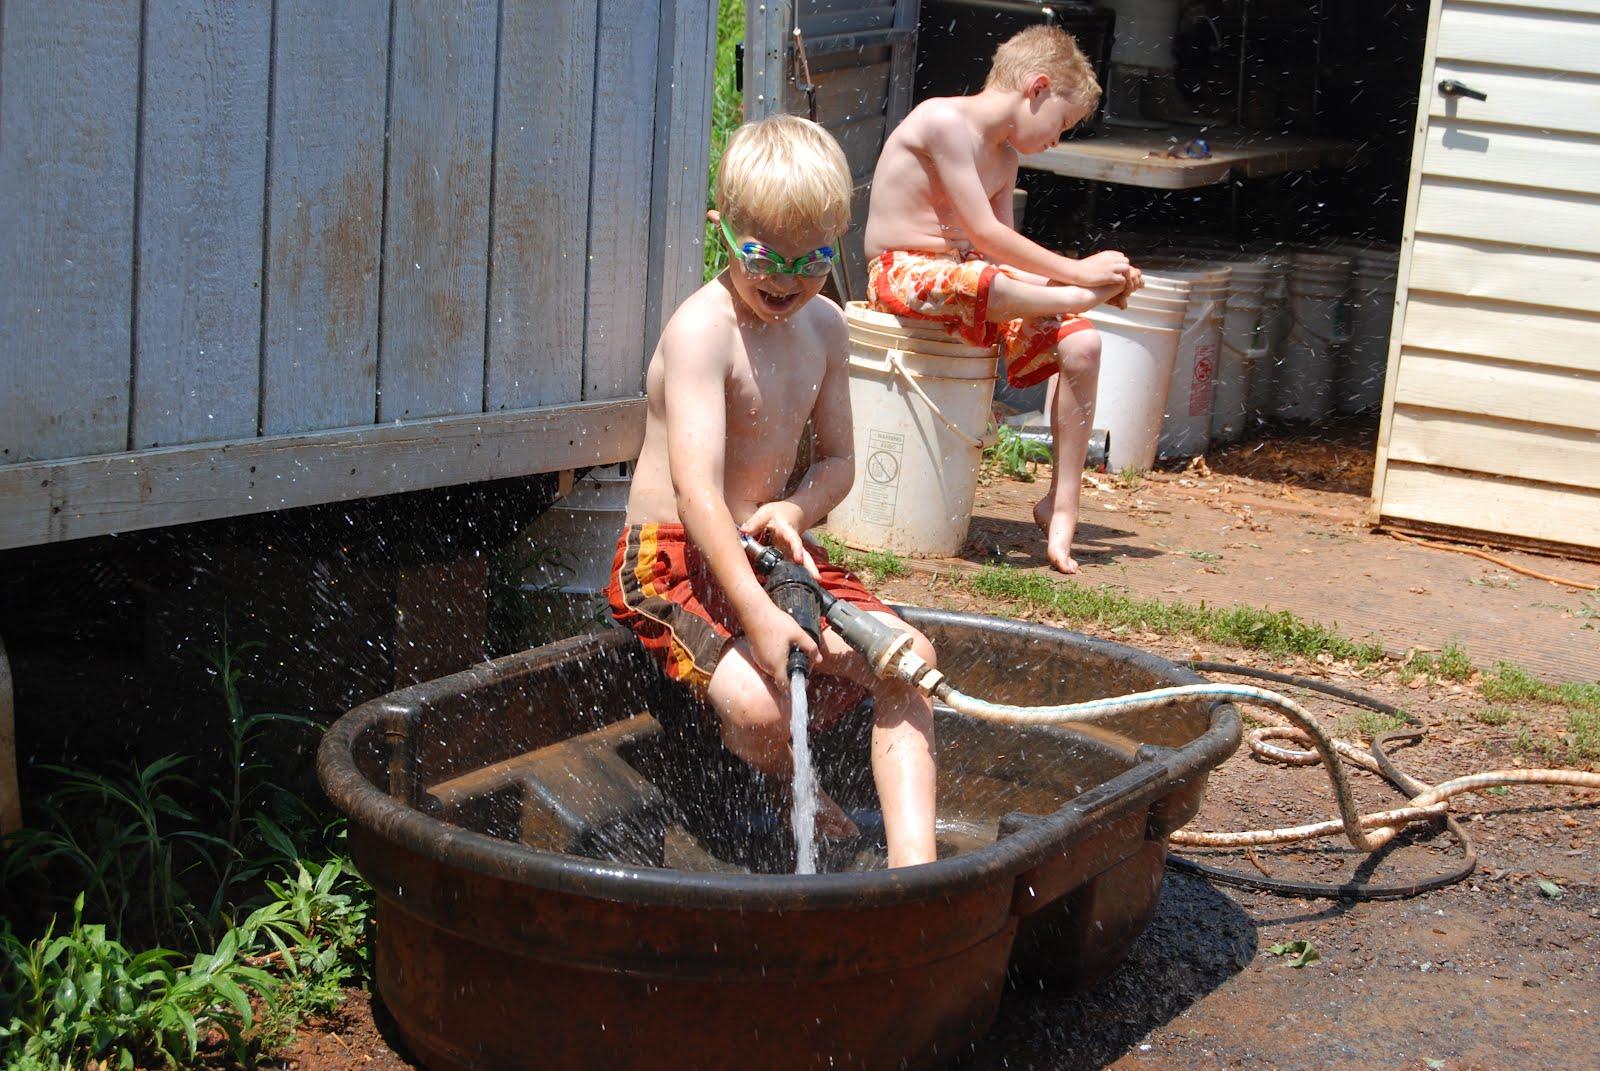 Virginiaisforlykoshes Redneck Swimming Pool